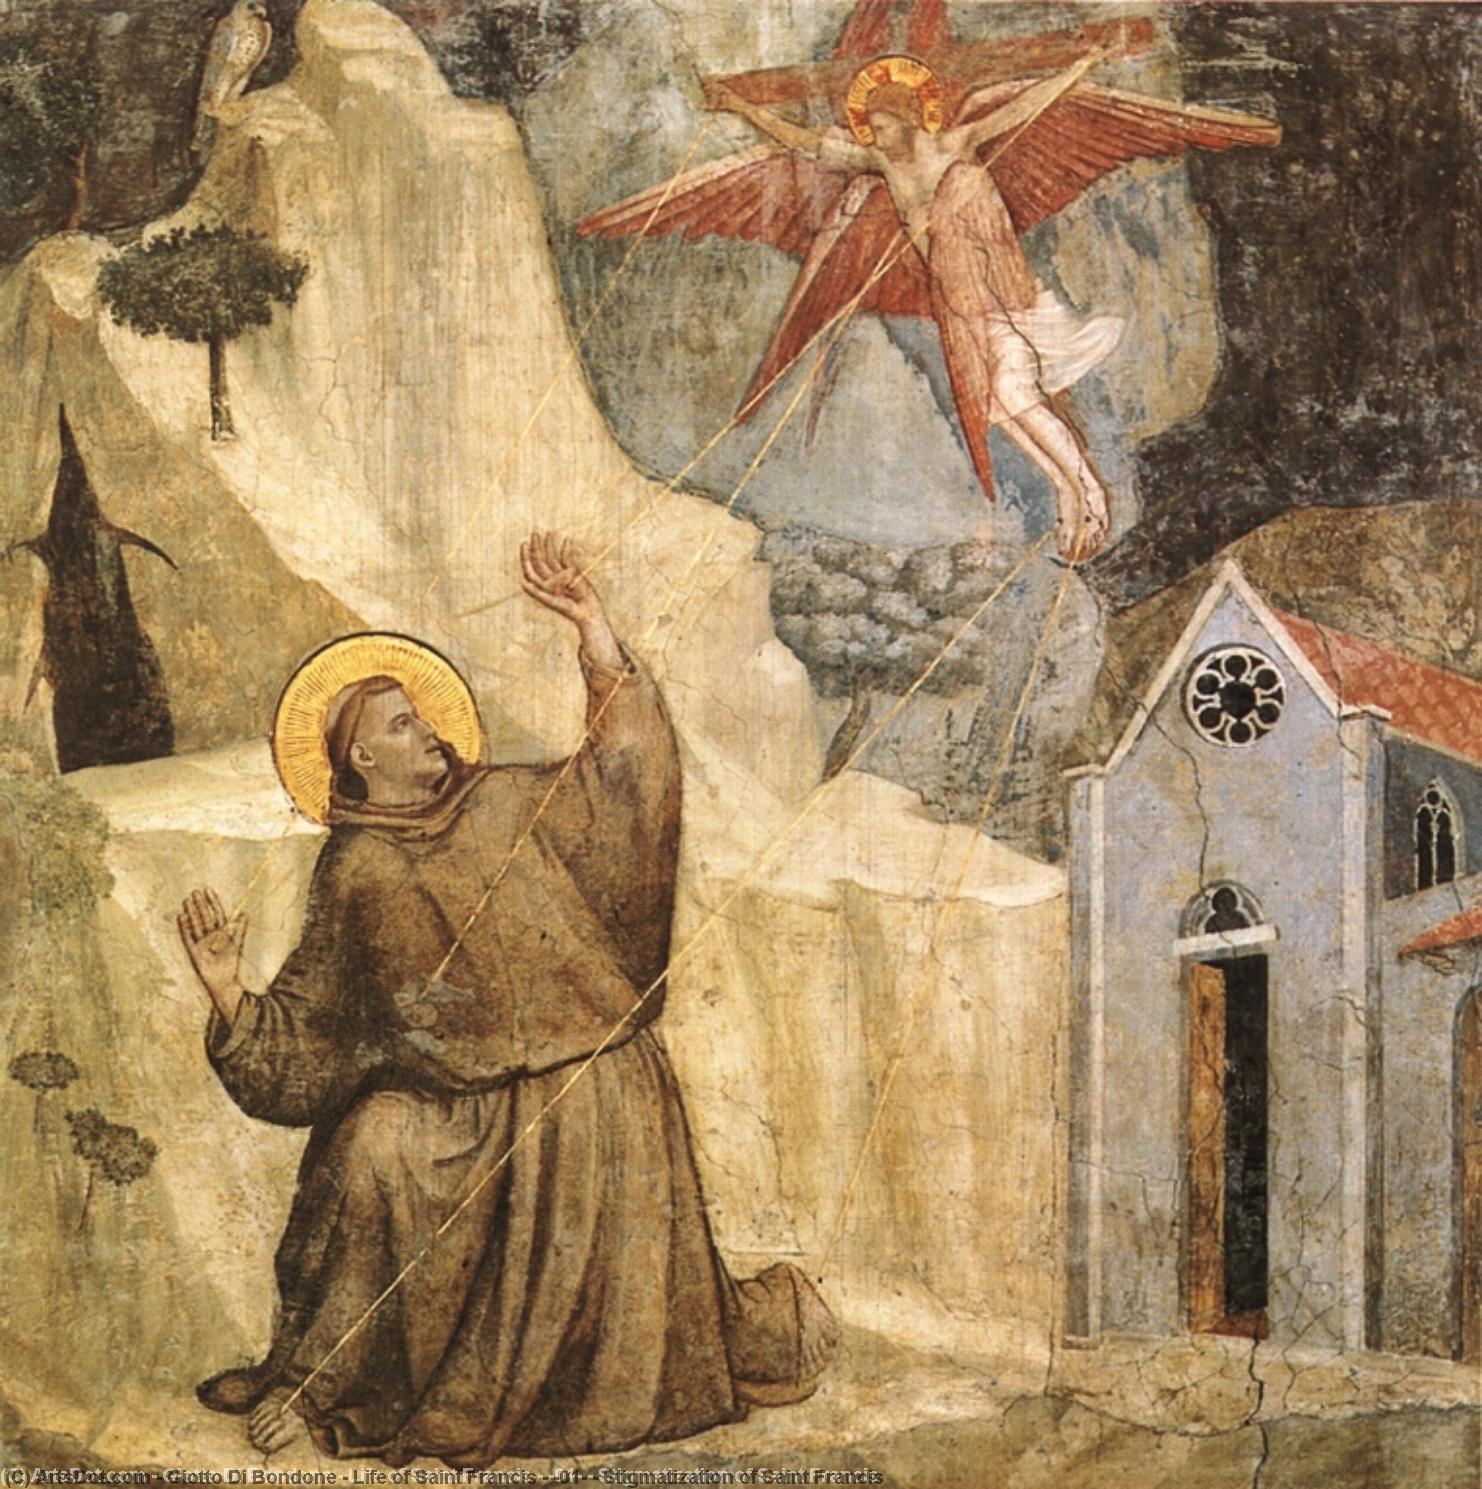 Wikioo.org – L'Enciclopedia delle Belle Arti - Pittura, Opere di Giotto Di Bondone - vita di san francesco - [ 01 ] - stimmate di san francesco